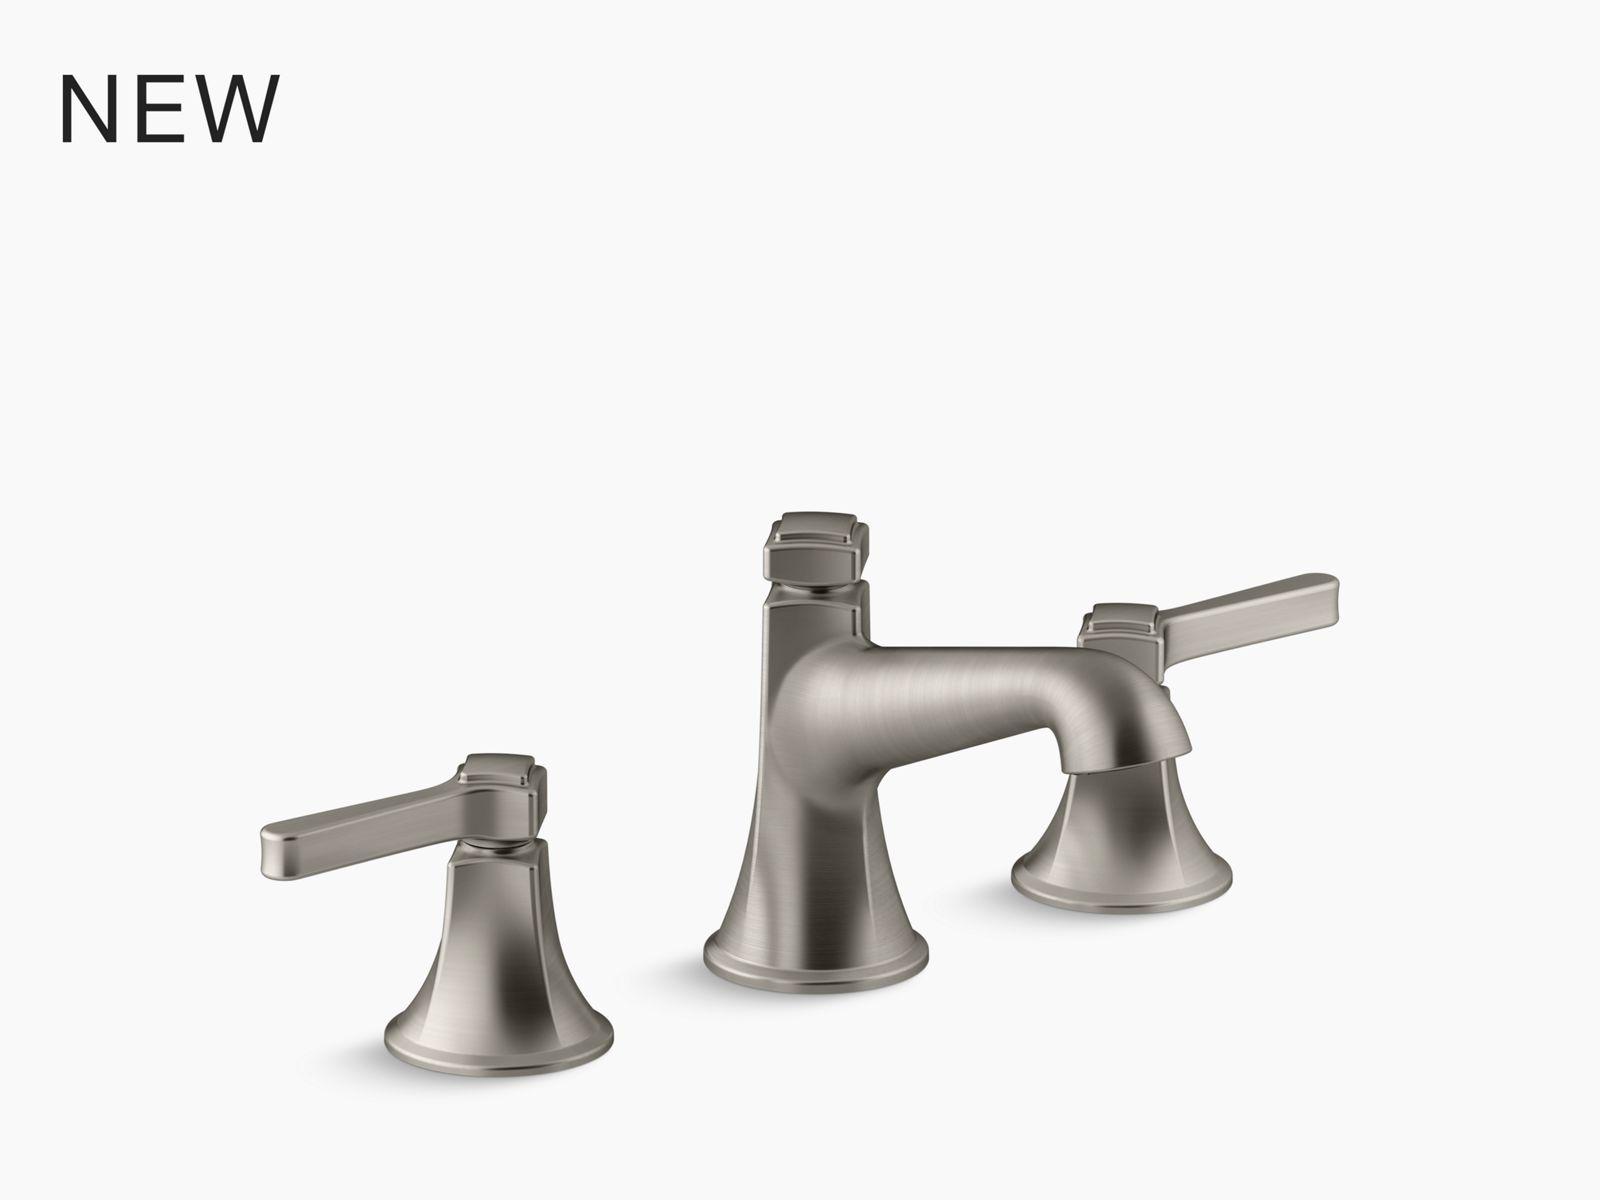 rubicon 8 widespread bathroom faucet